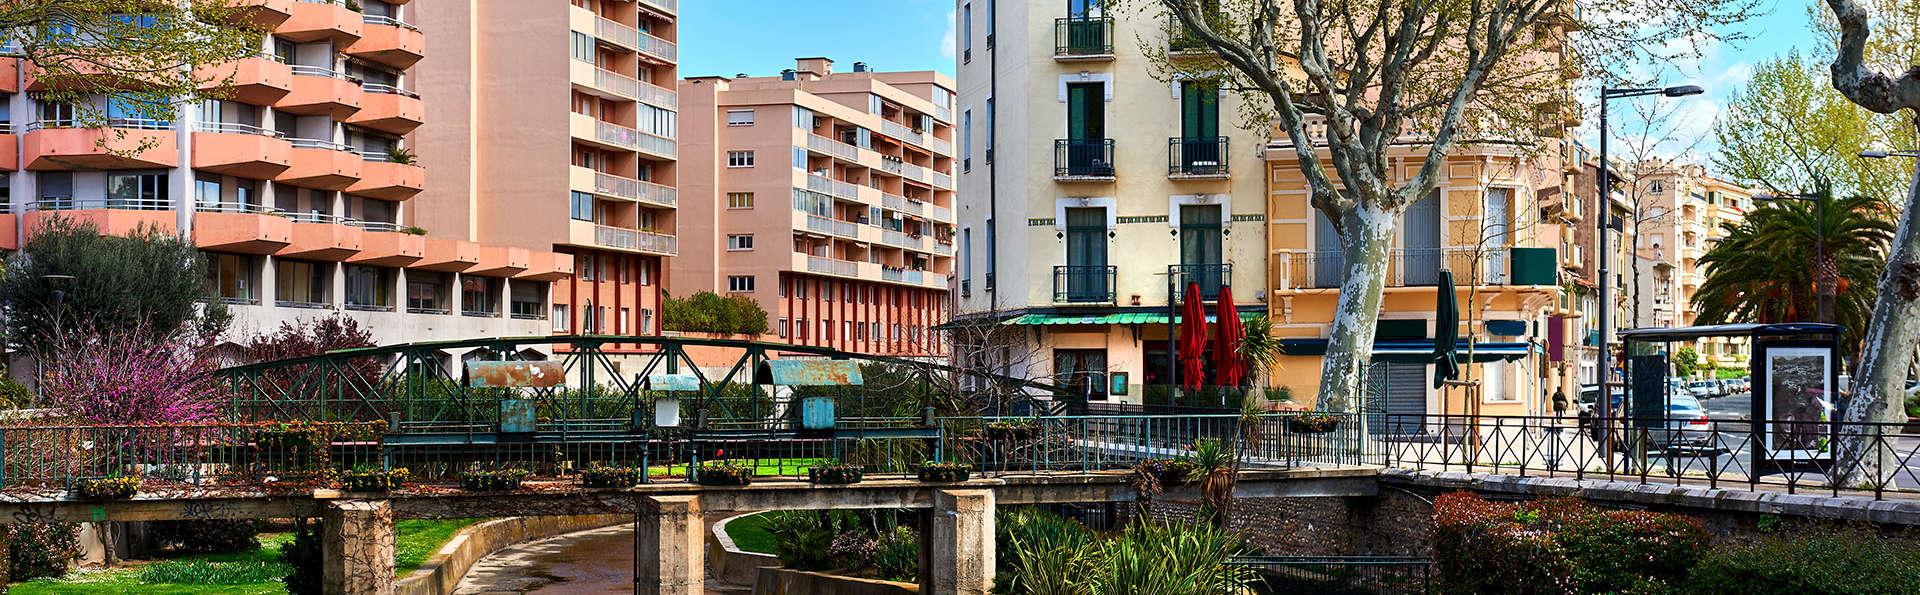 The Originals City, Hôtel Le Grillon d'Or, Perpignan Sud (Inter-Hotel) - Edit_Destination3.jpg